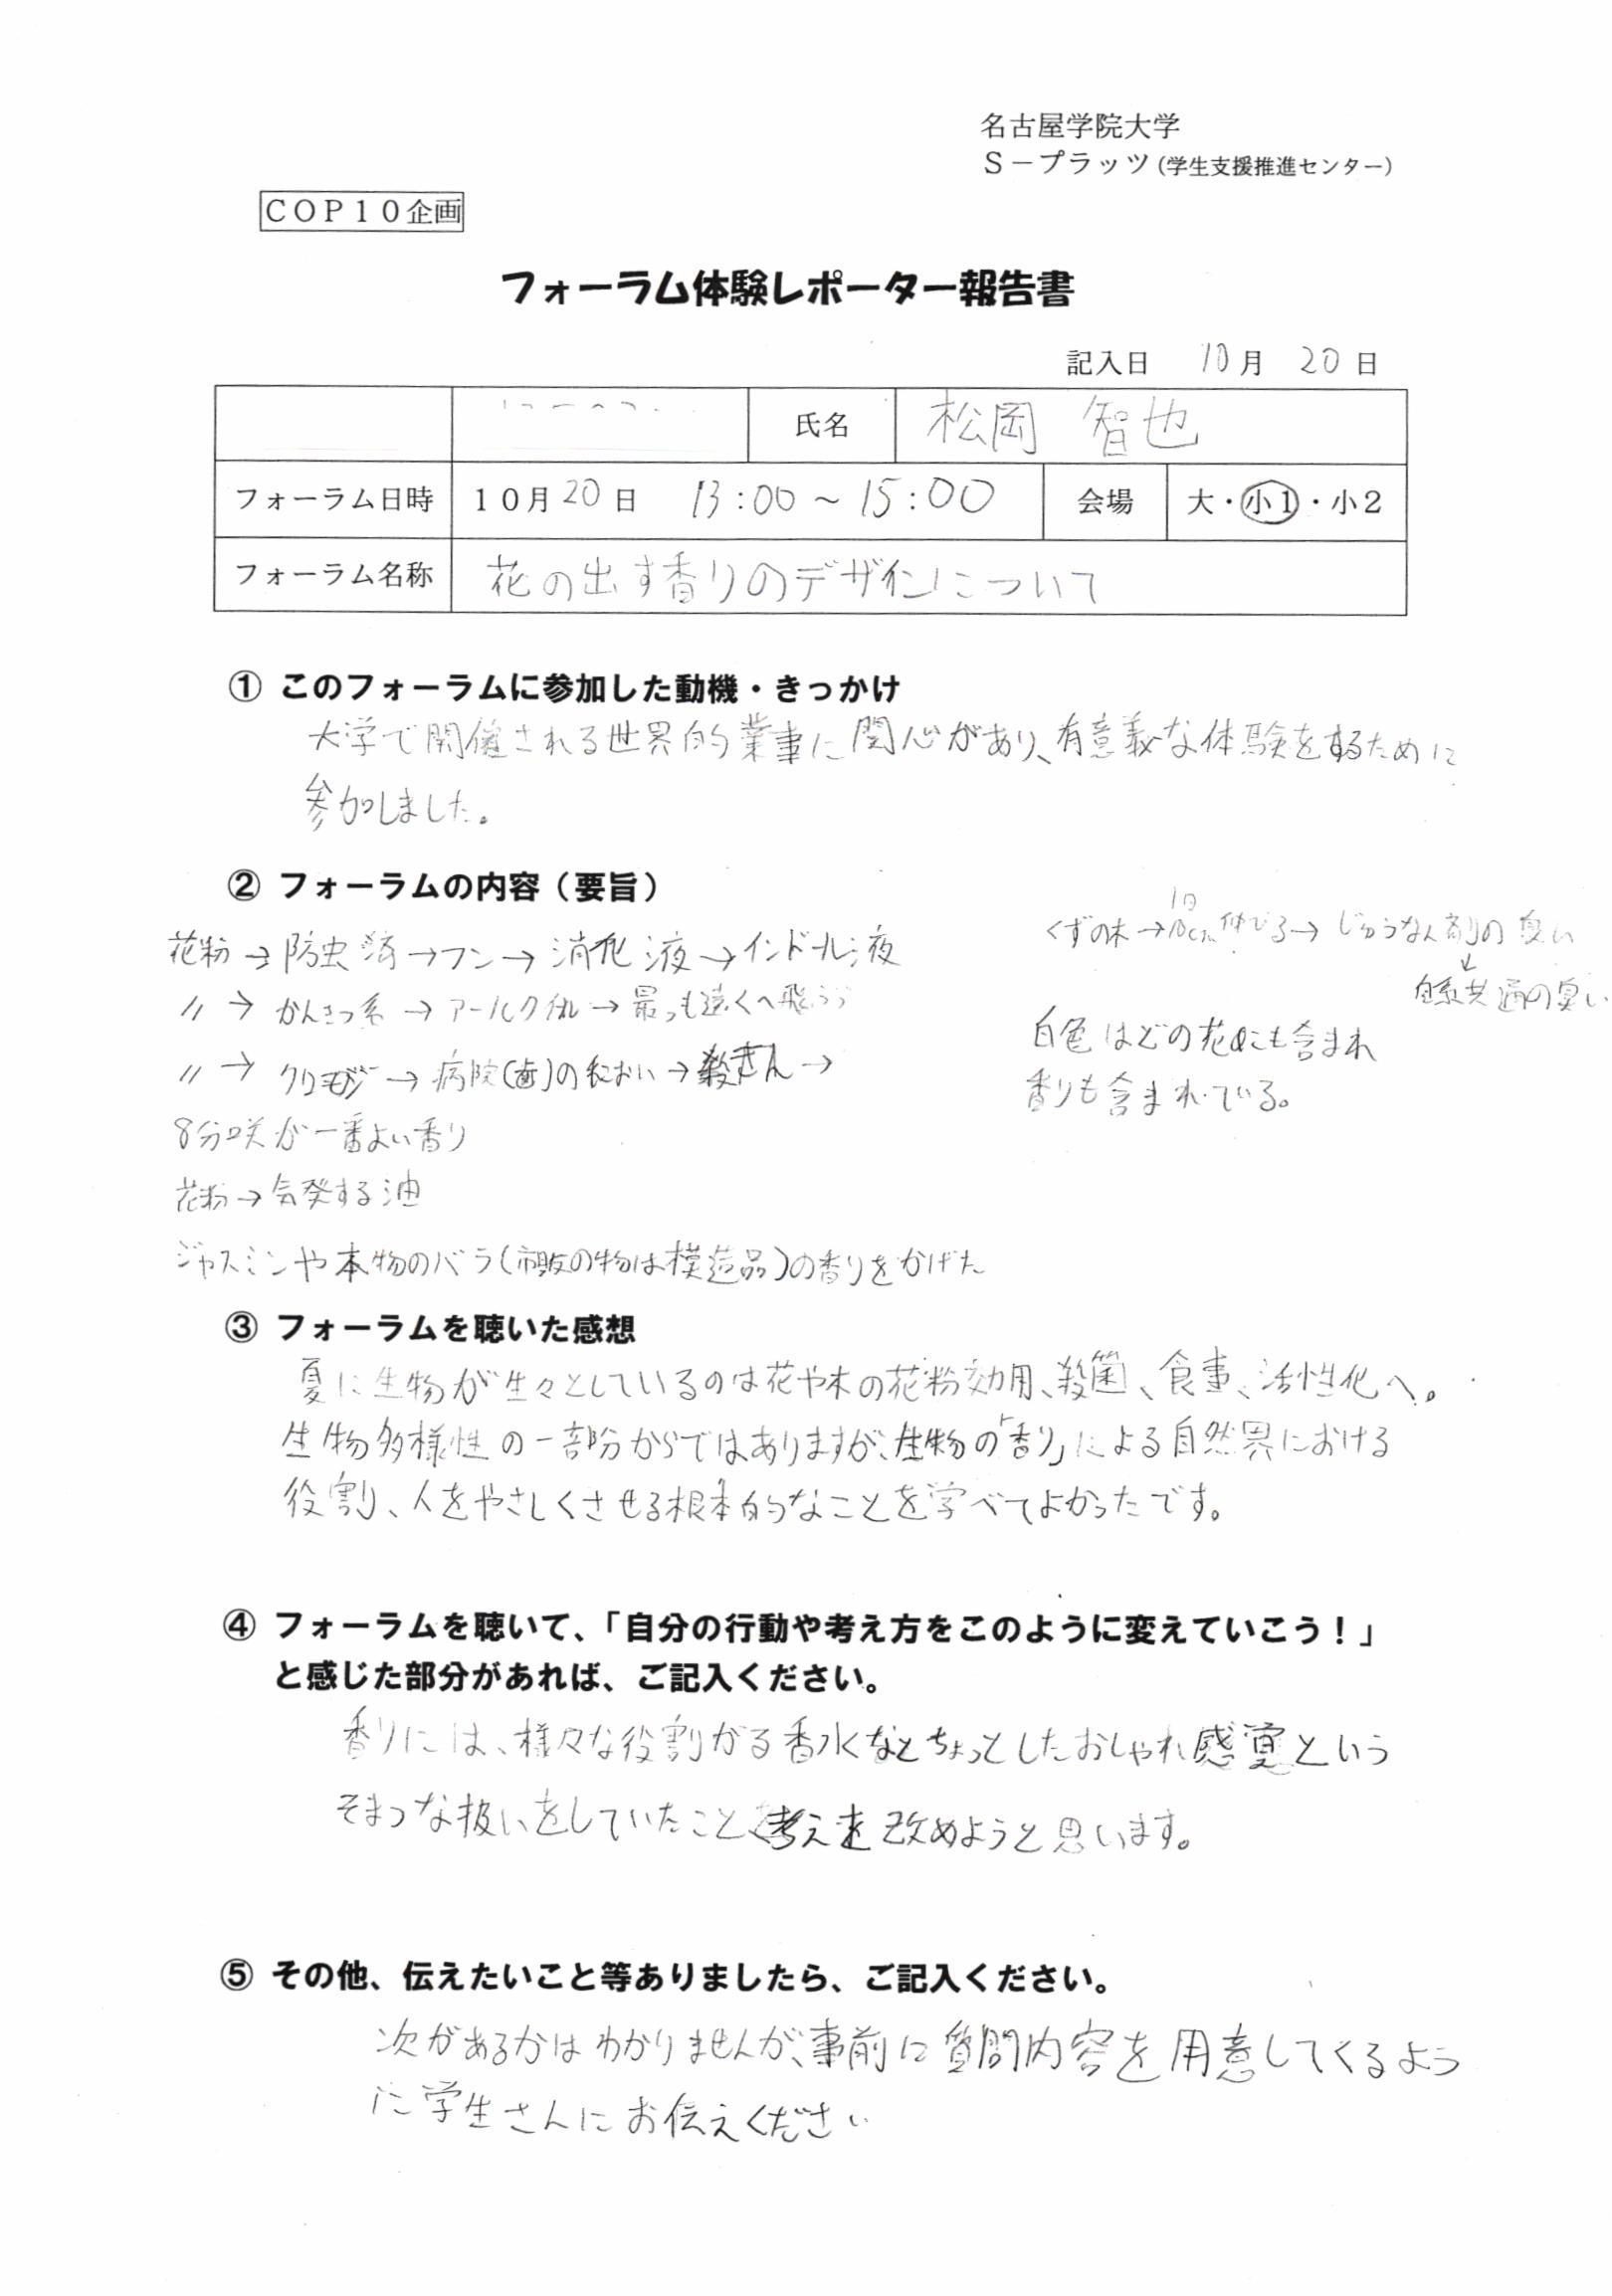 フォーラム体験レポーター報告松岡